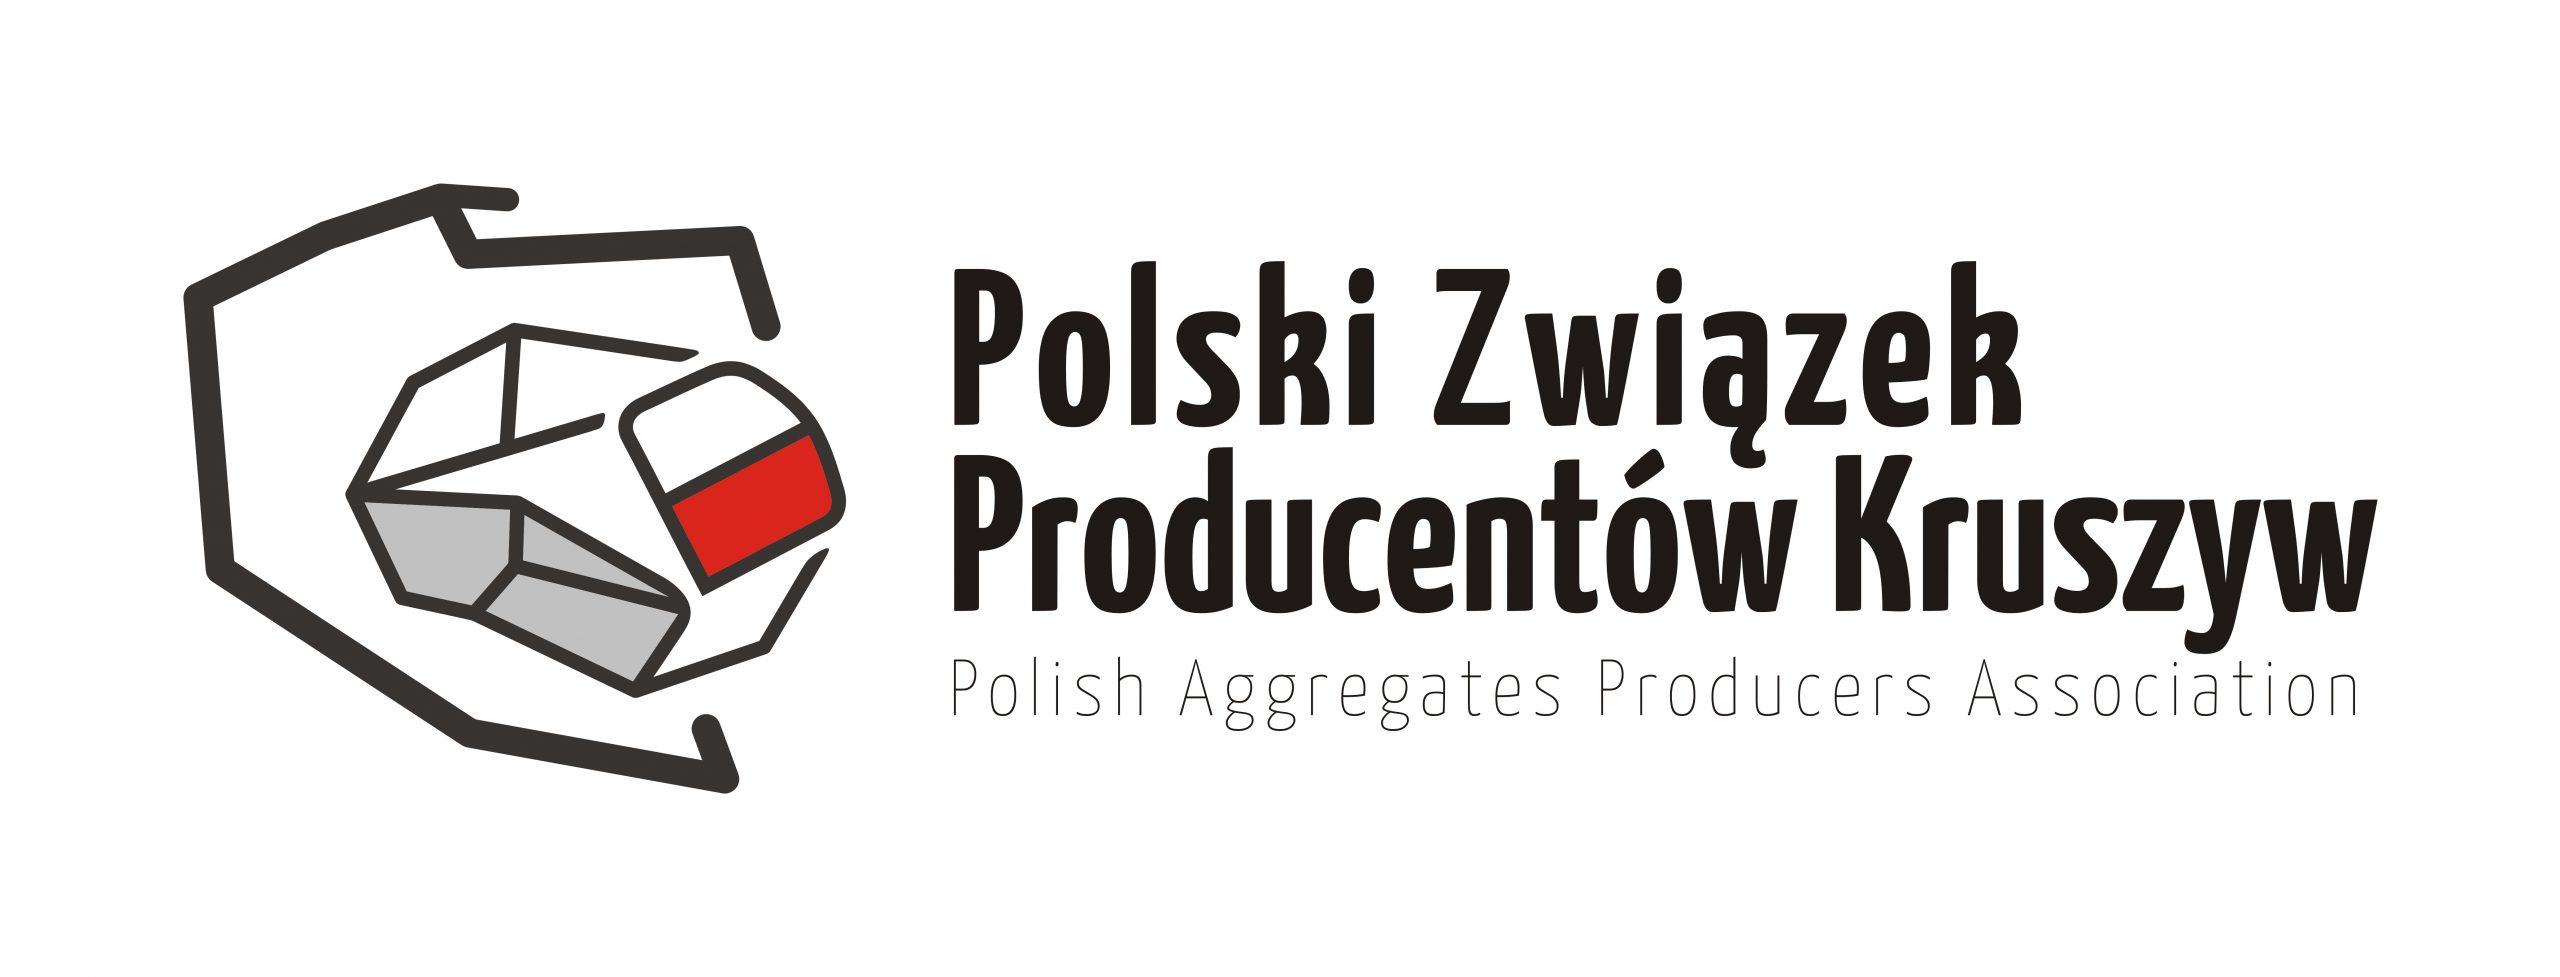 Polski Związek Producentów Kruszyw